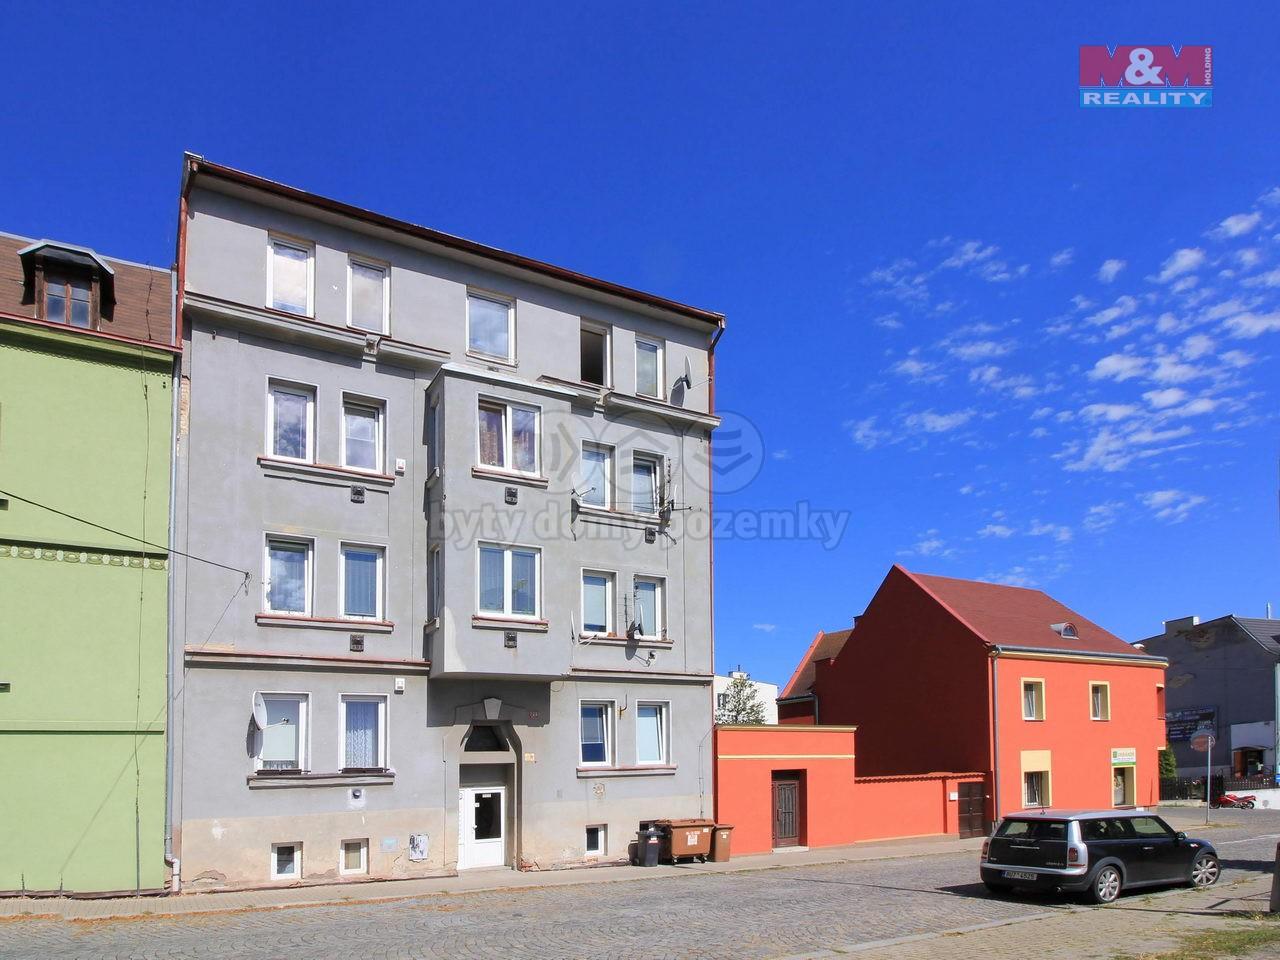 Prodej, byt 2+1 s garáží, OV, Ústí nad Labem